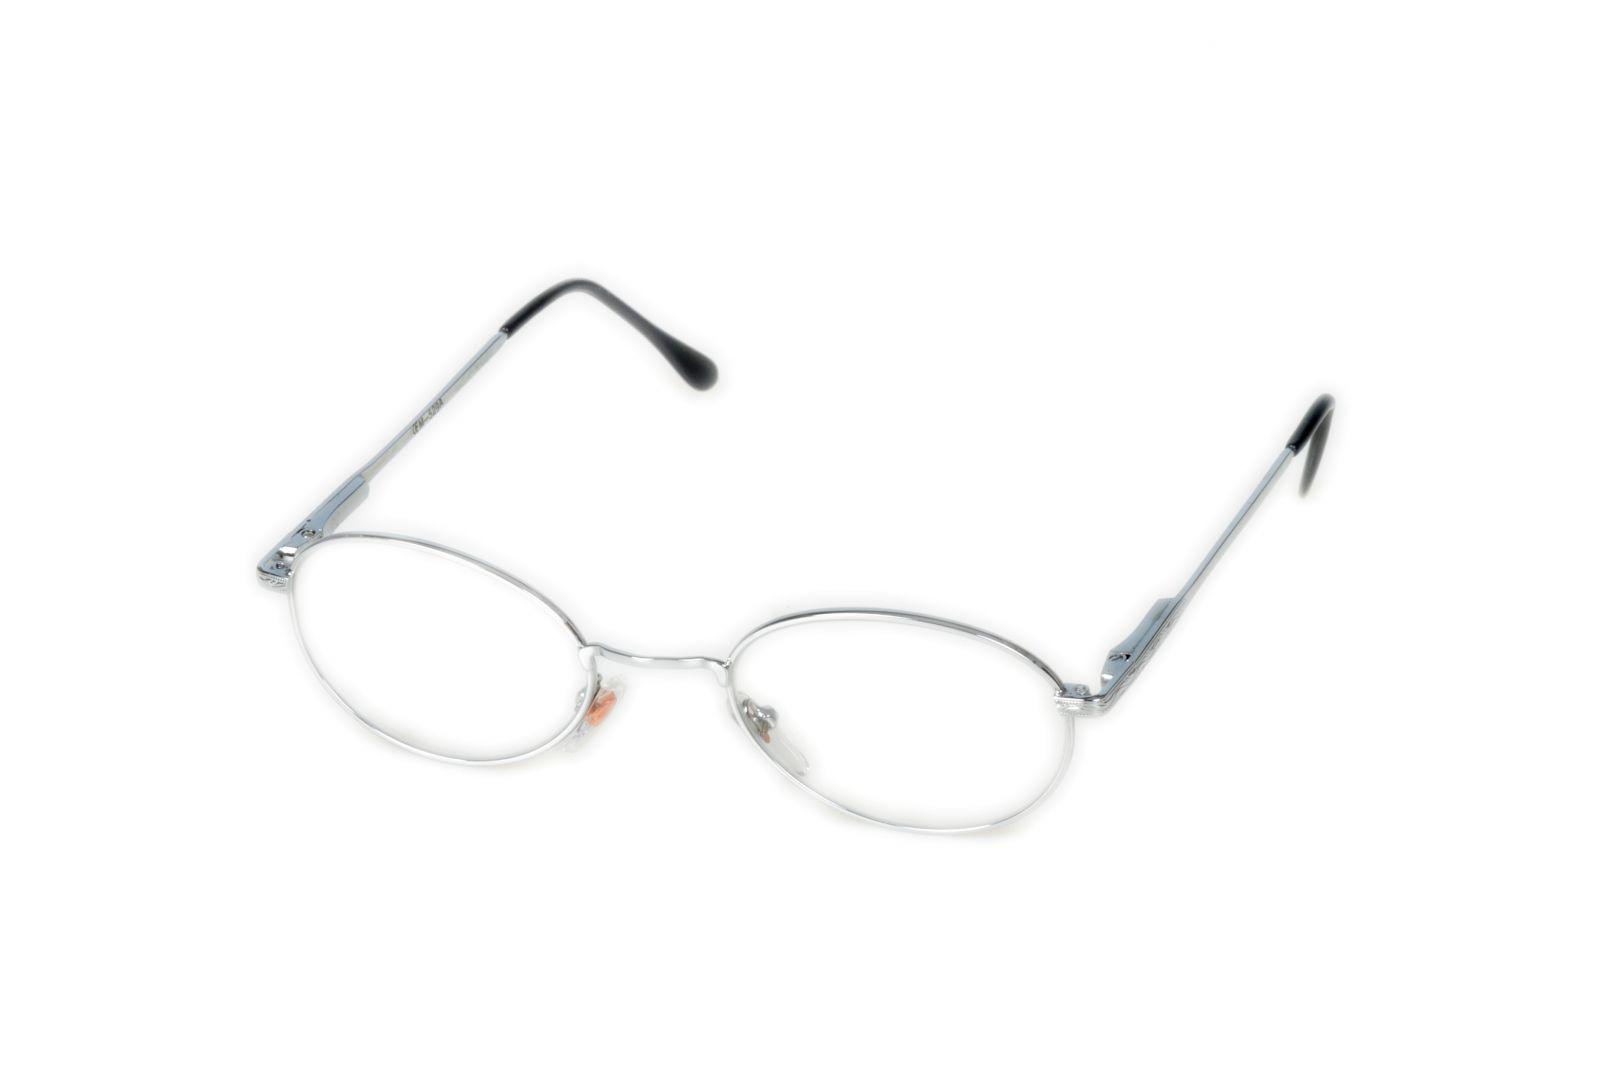 Obroučky dioptrických brýlí mincl 8189